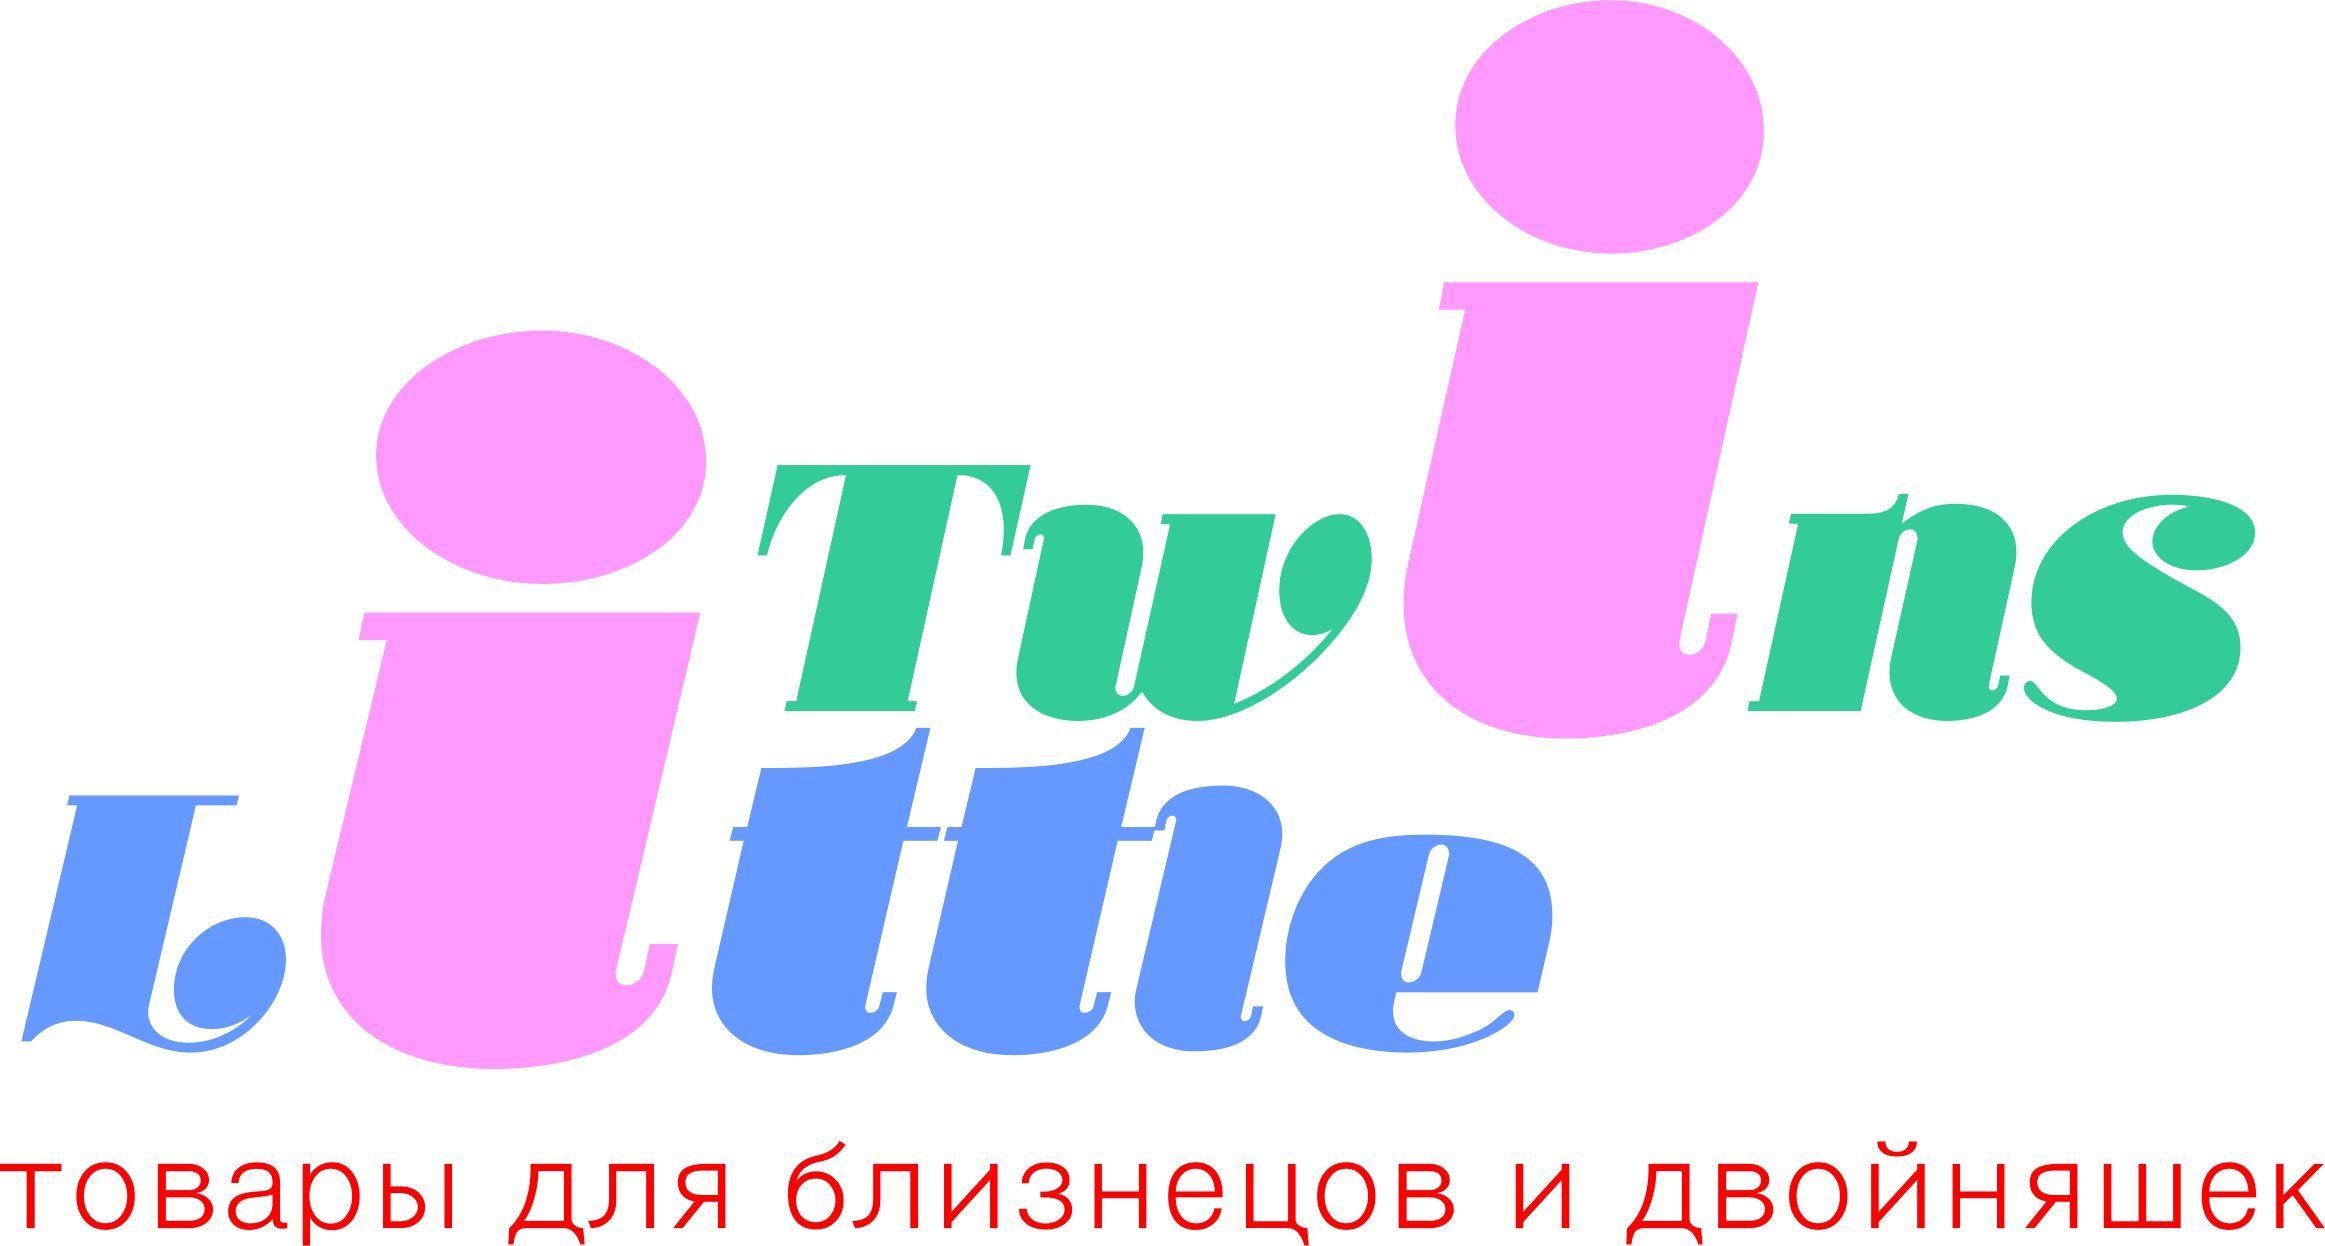 Логотип детского интернет-магазина для двойняшек - дизайнер visento